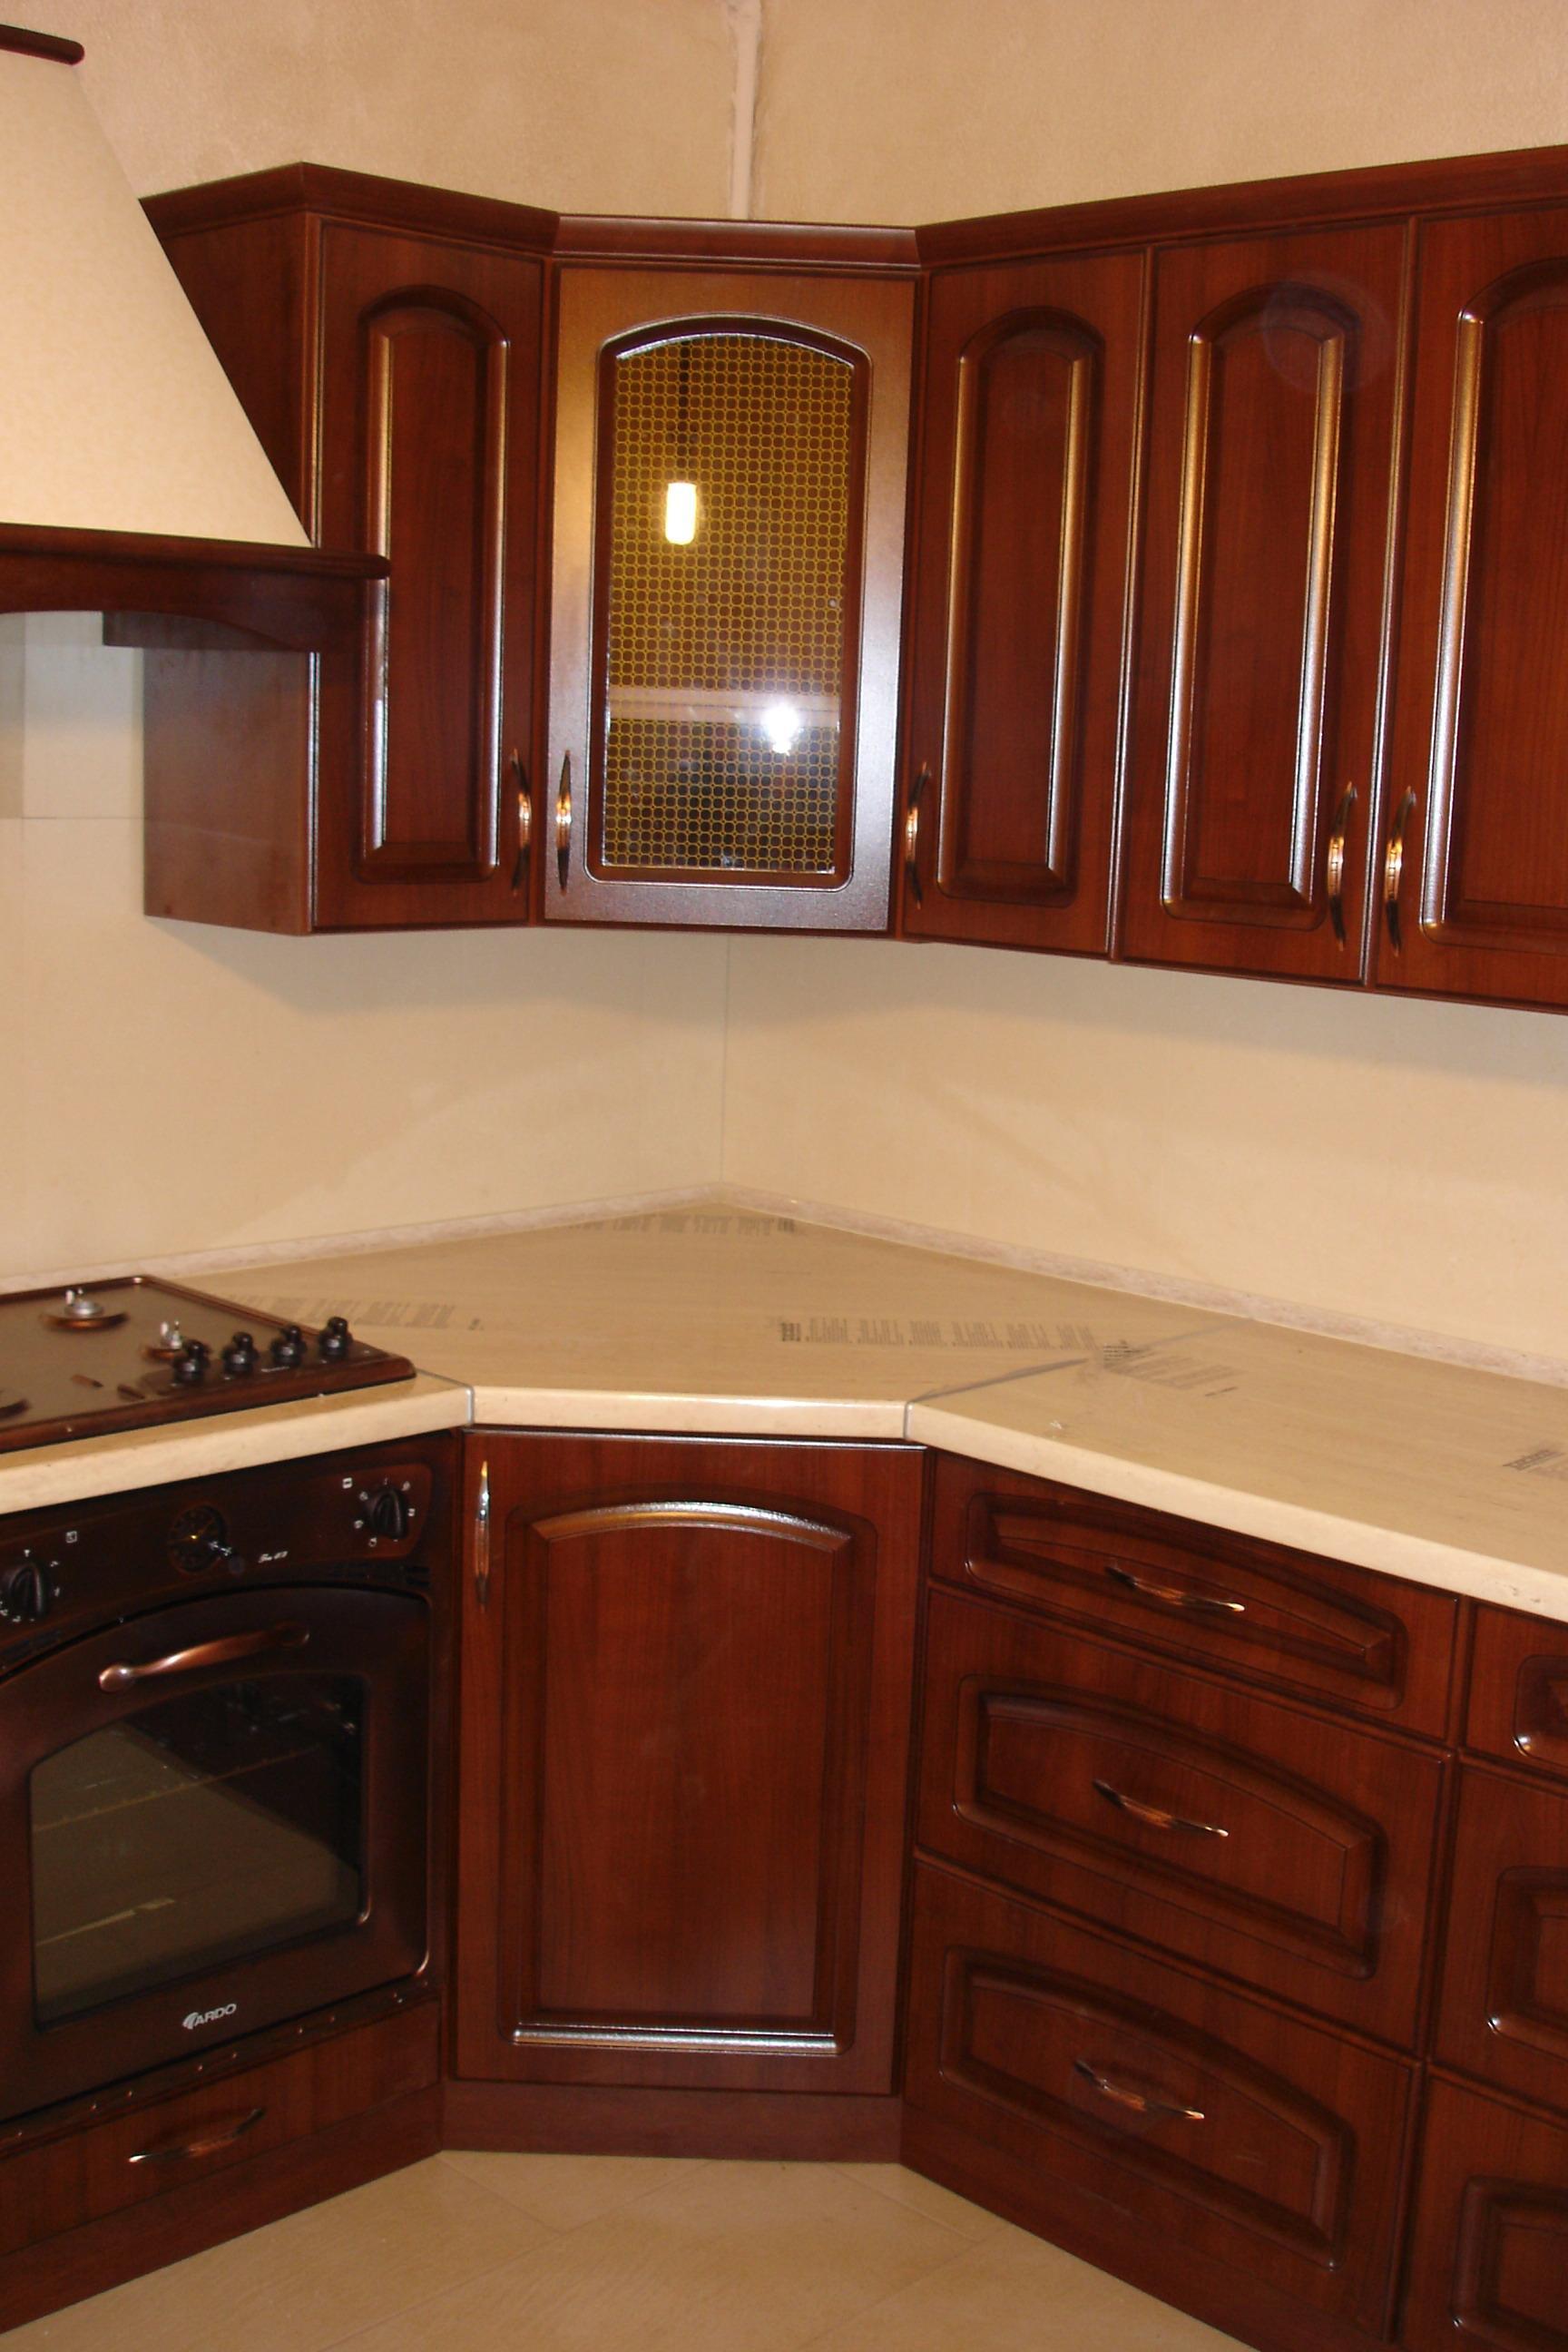 meuble cuisine moderne peinture pour meuble cuisine. Black Bedroom Furniture Sets. Home Design Ideas